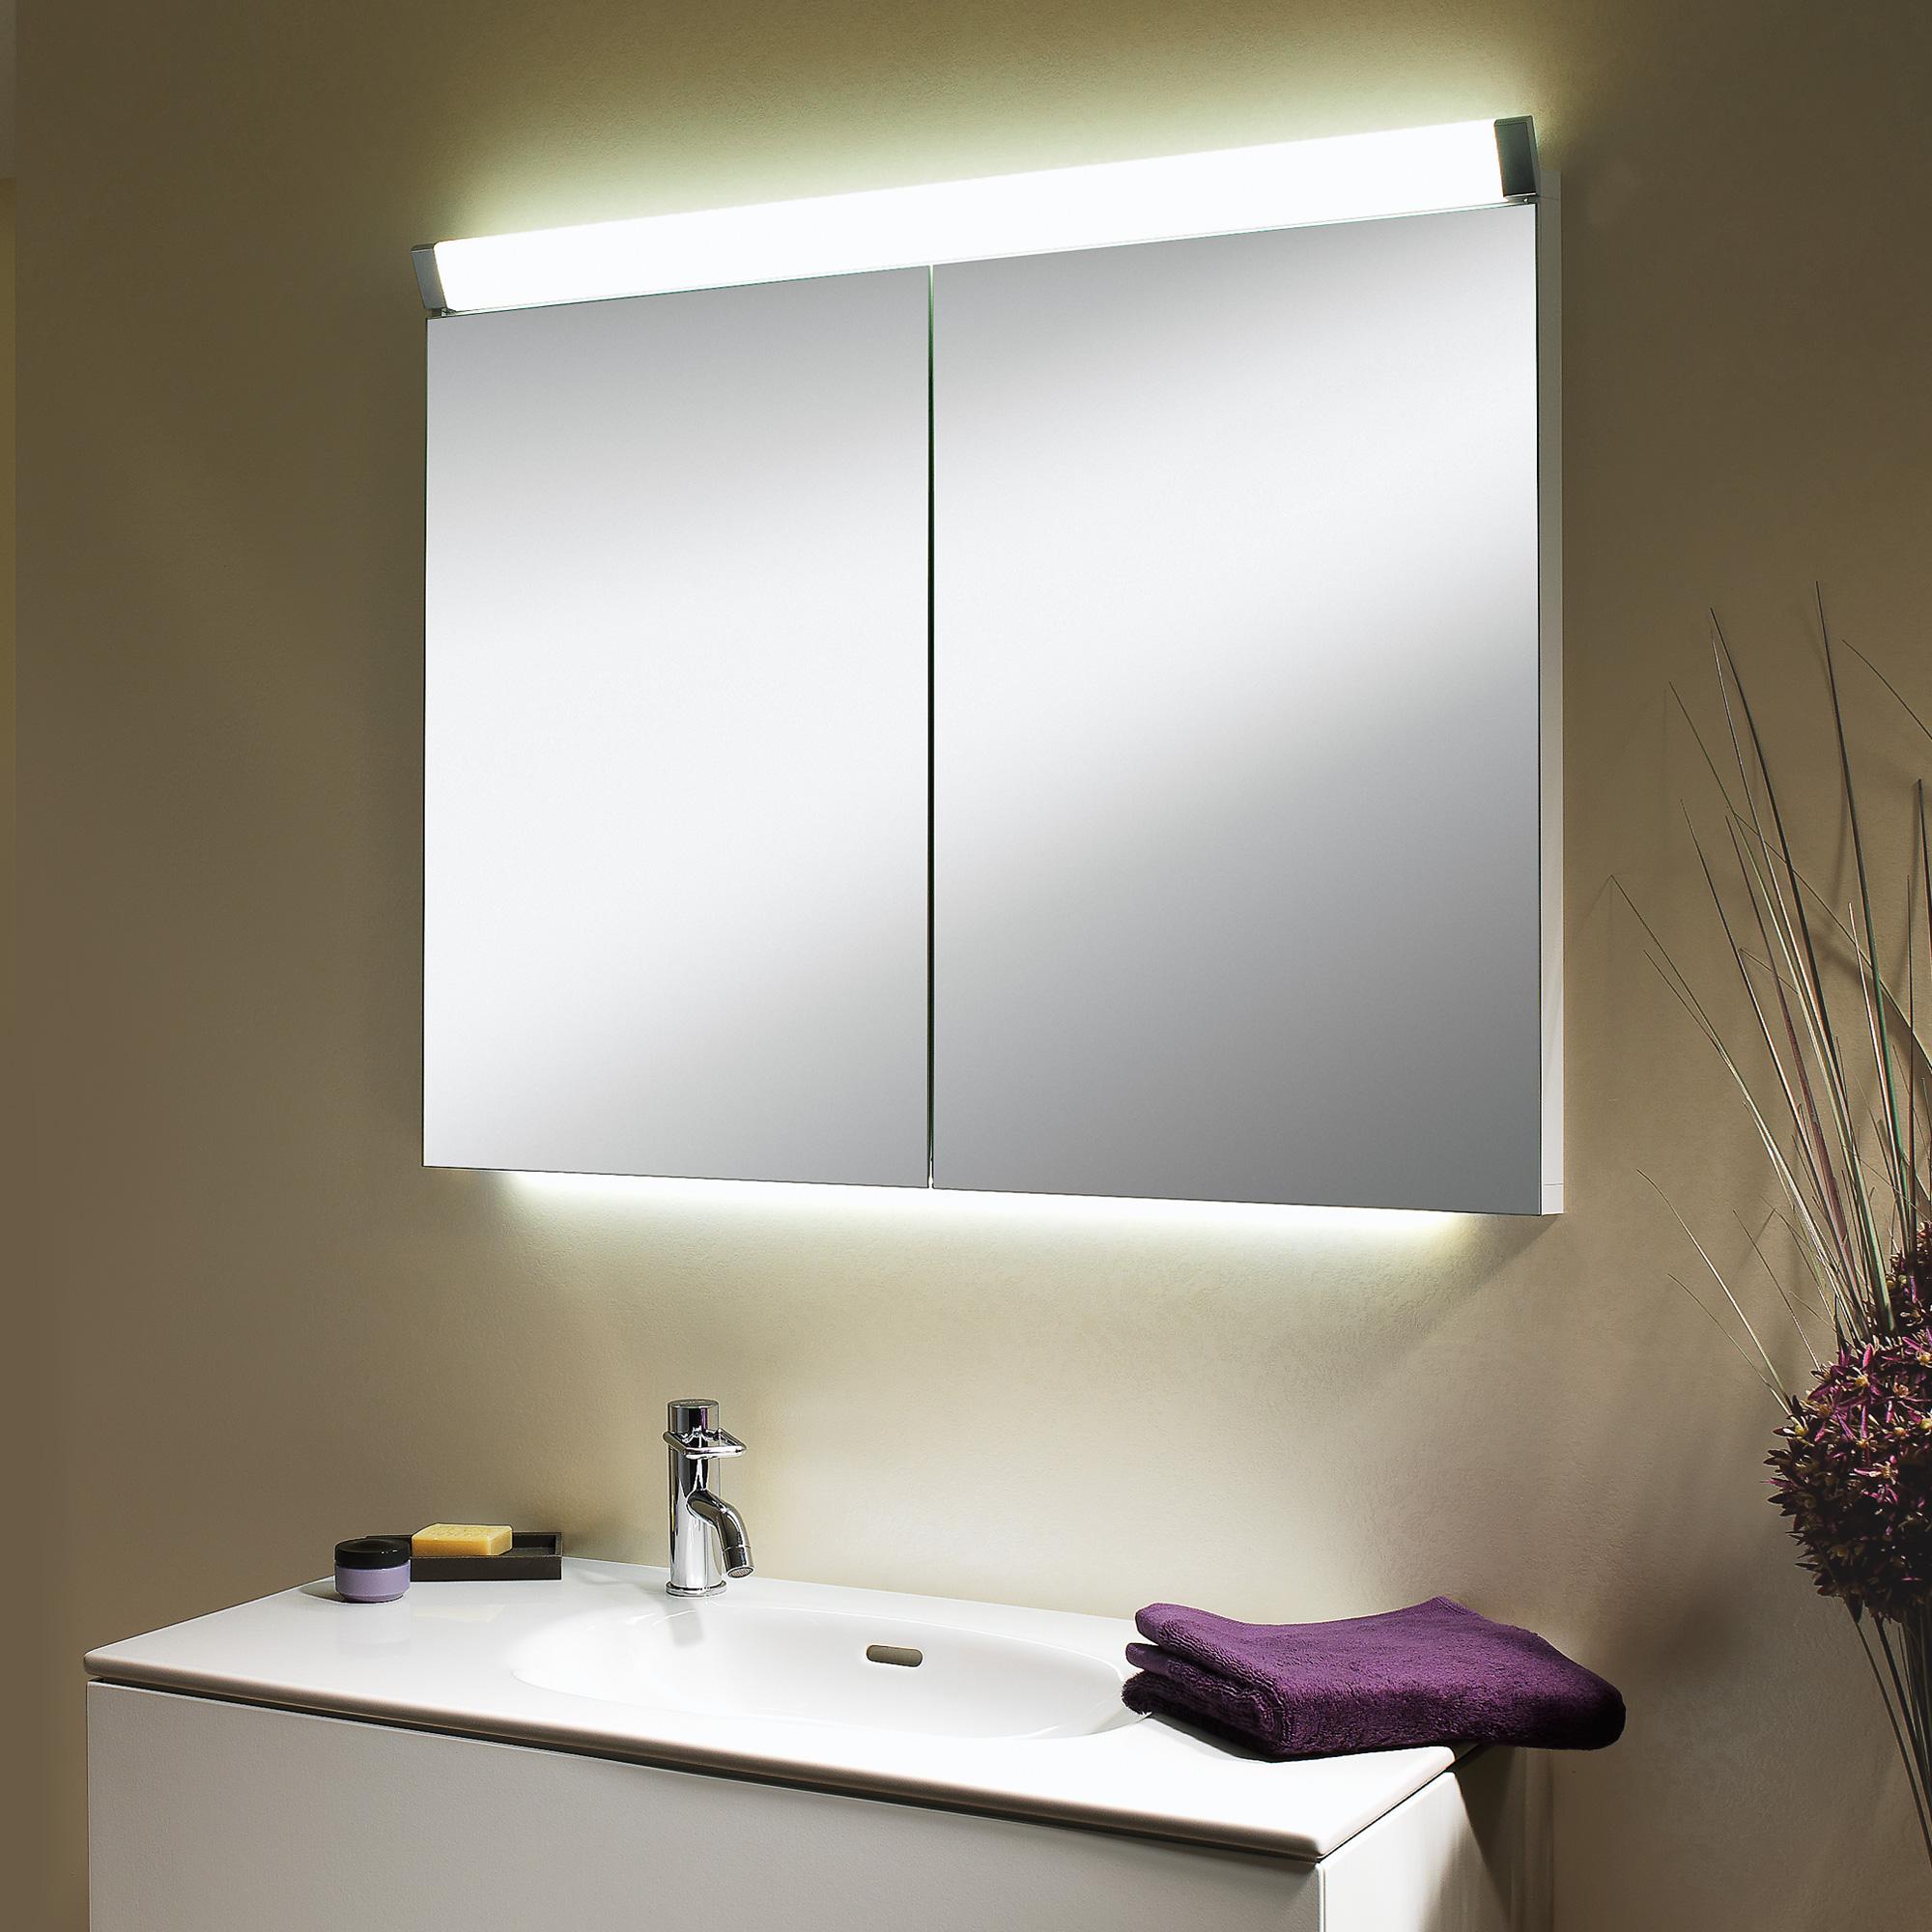 Paliline spiegelschrank